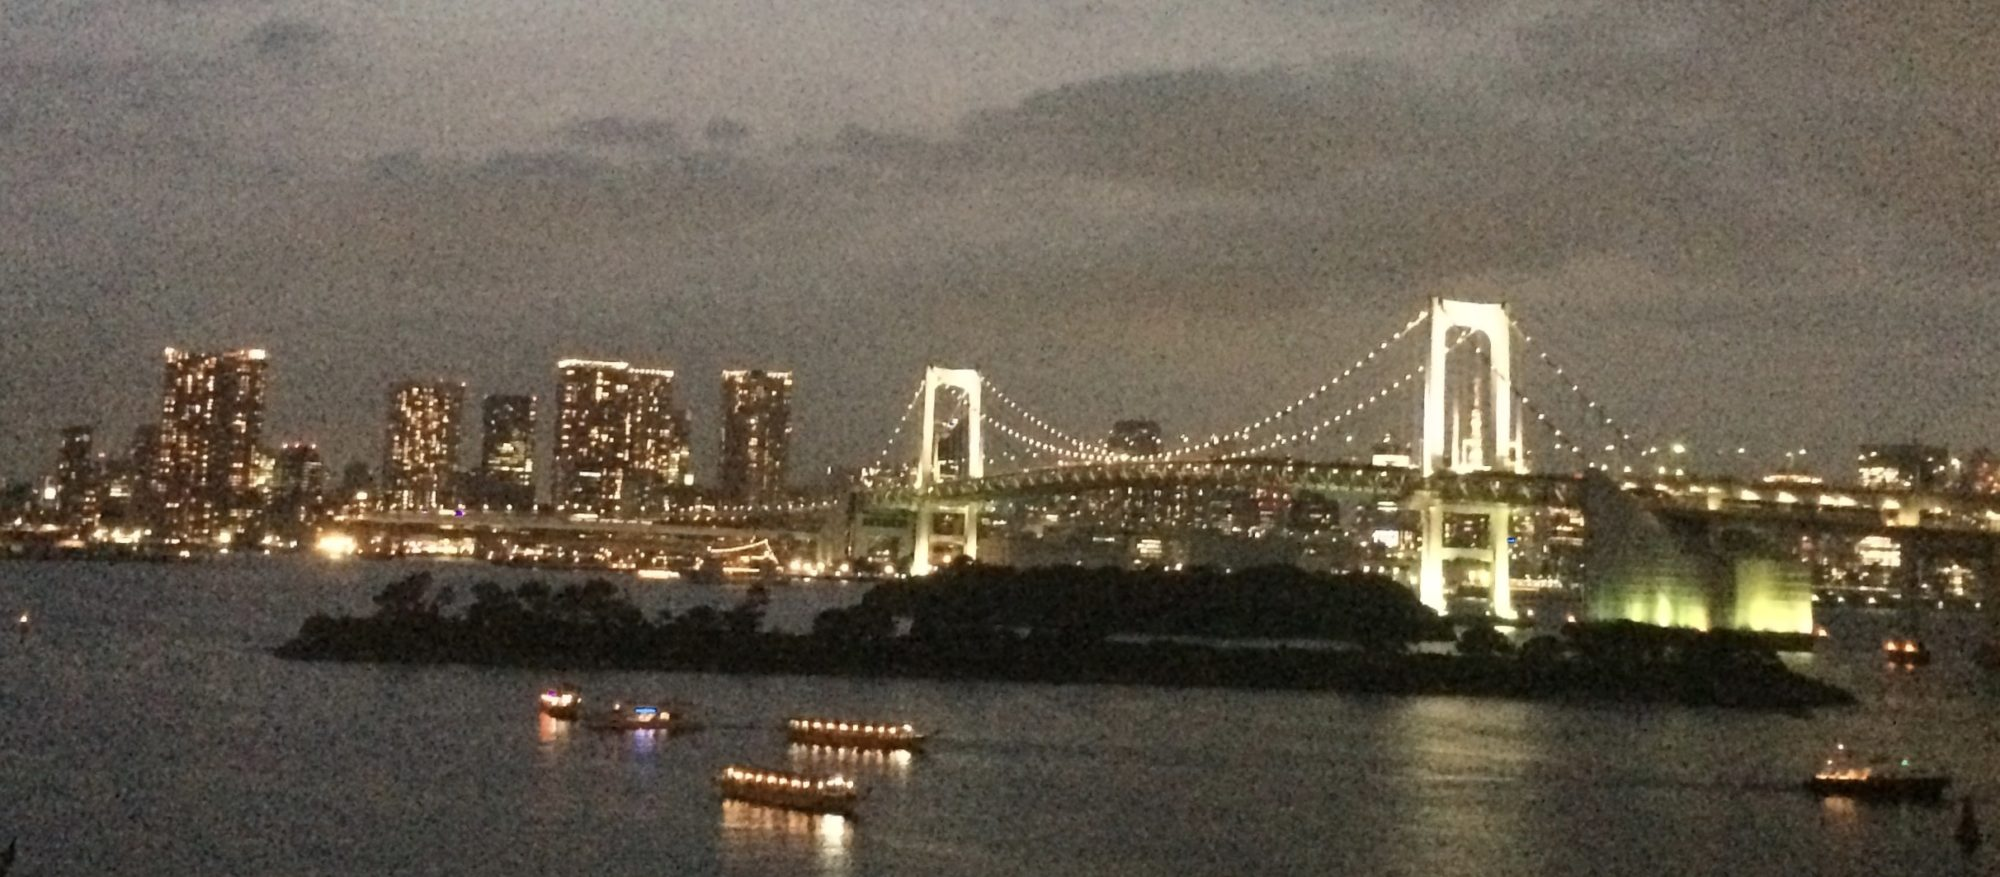 レインボーブリッジ、東京お台場の夜景